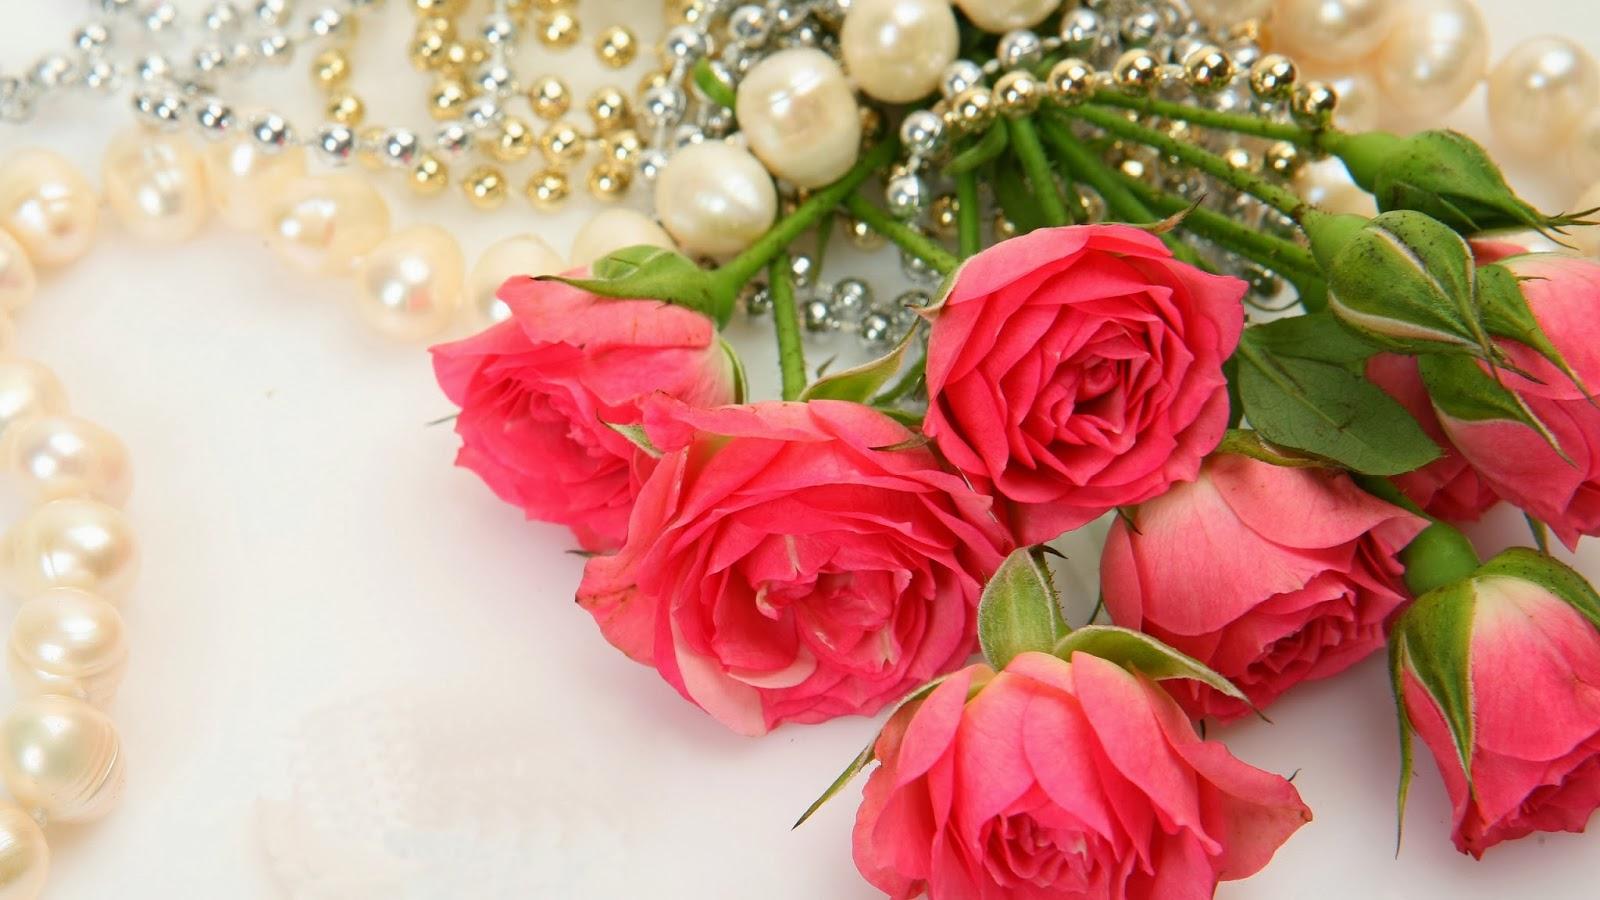 بالصور صور ورود جميلة , اجمل مناظر الورود 66 8